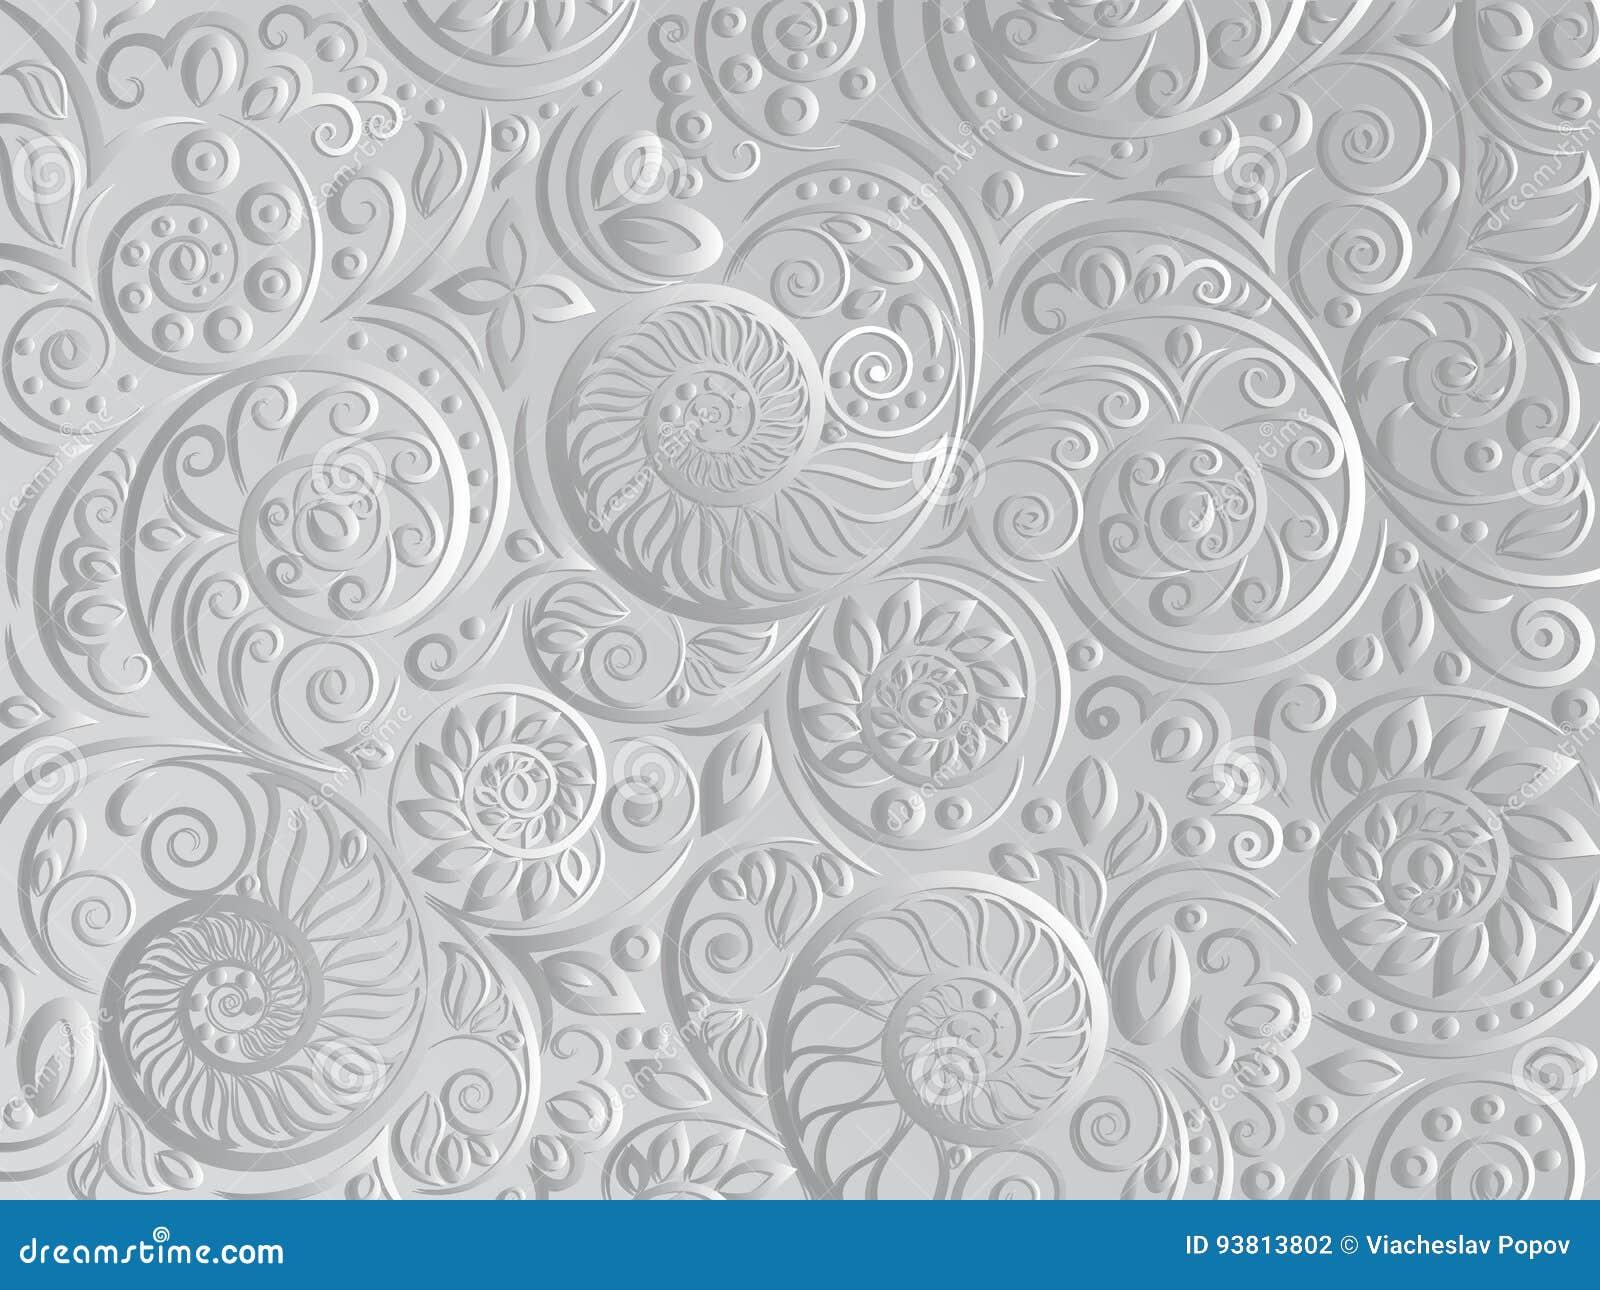 Modello Floreale In Bianco E Nero Per Il Libro Da Colorare Nello